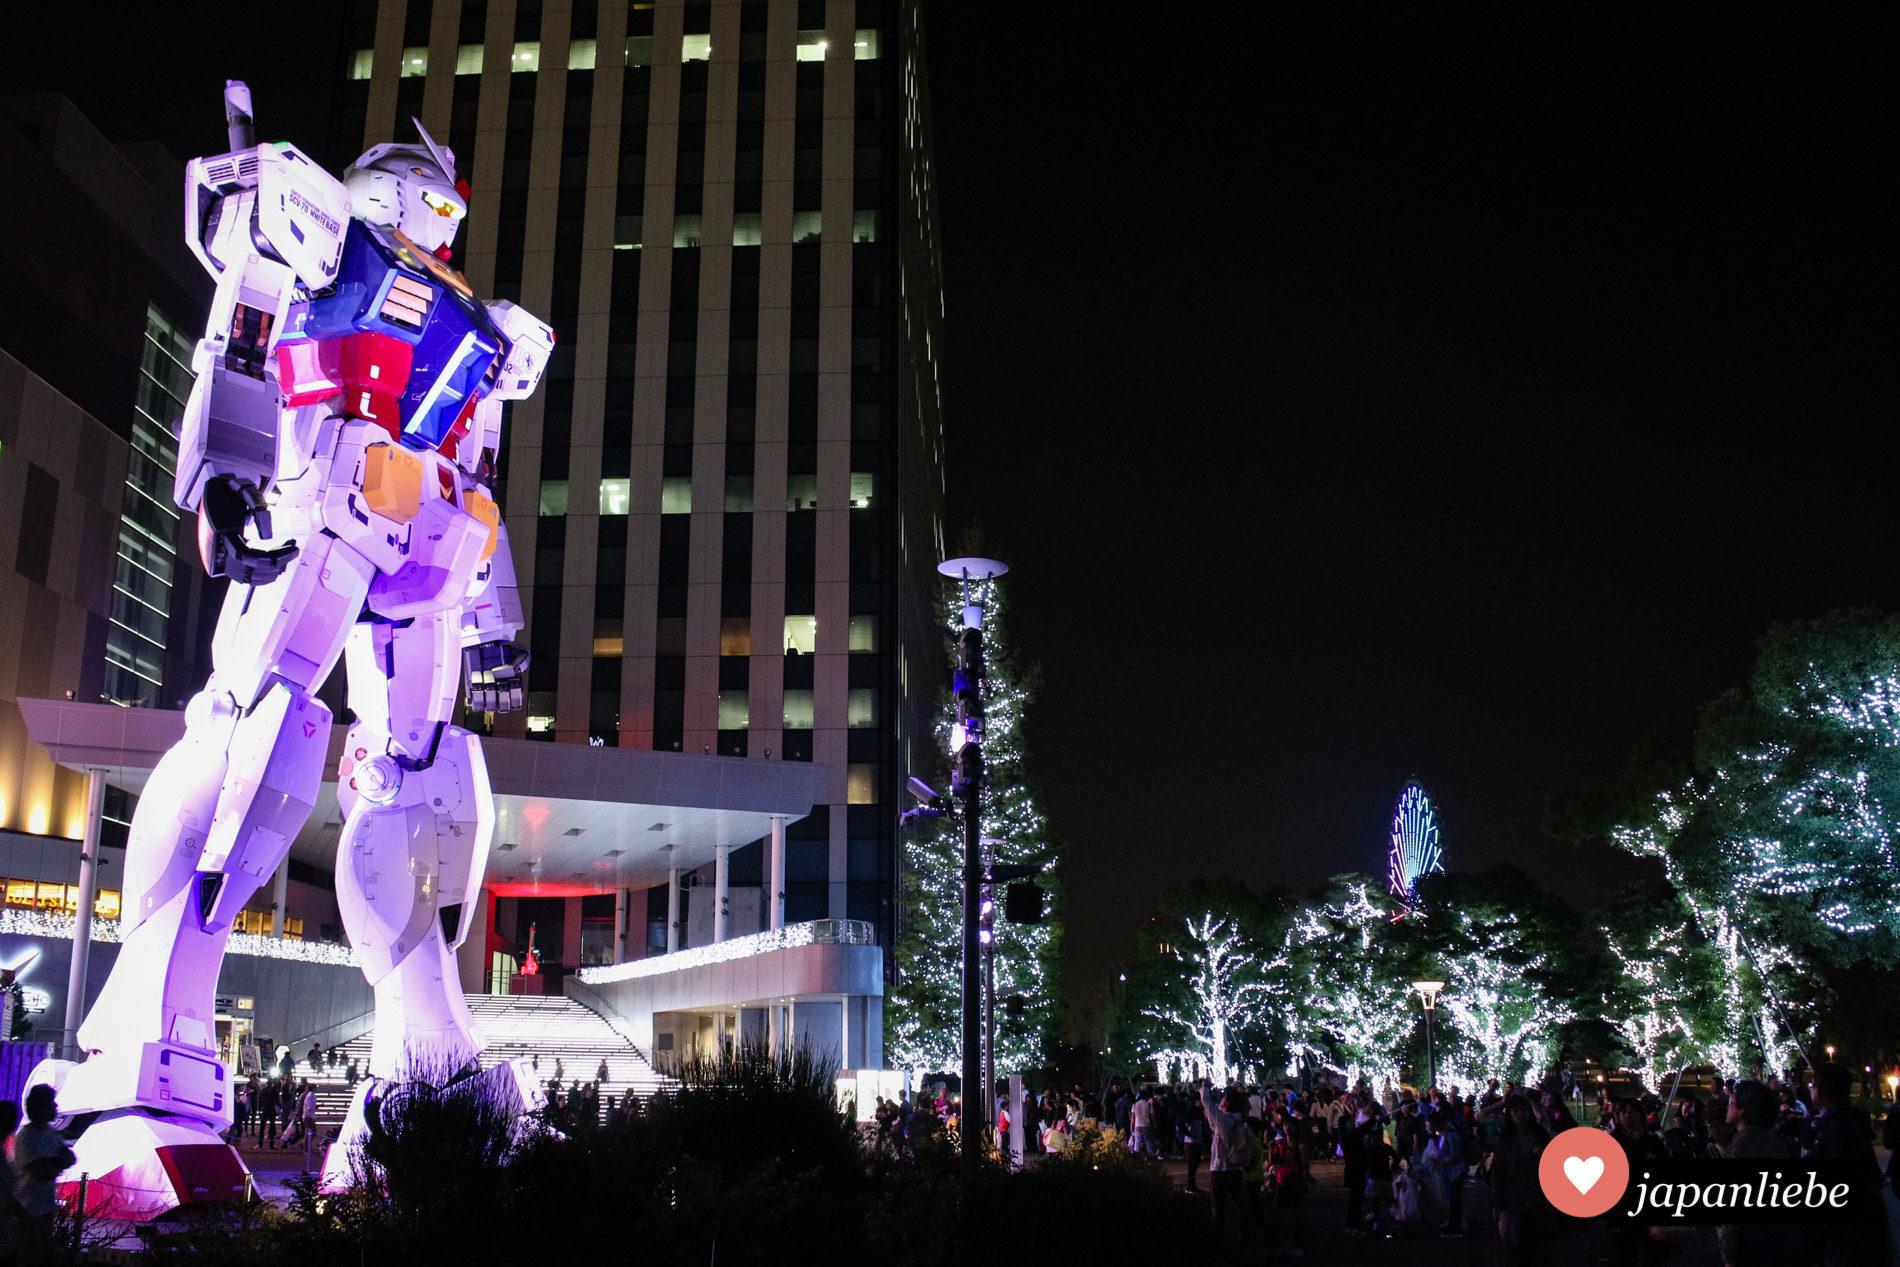 Von 2012 bis 2017 stand der Gundam Modell RX-78-2 auf Odaiba.